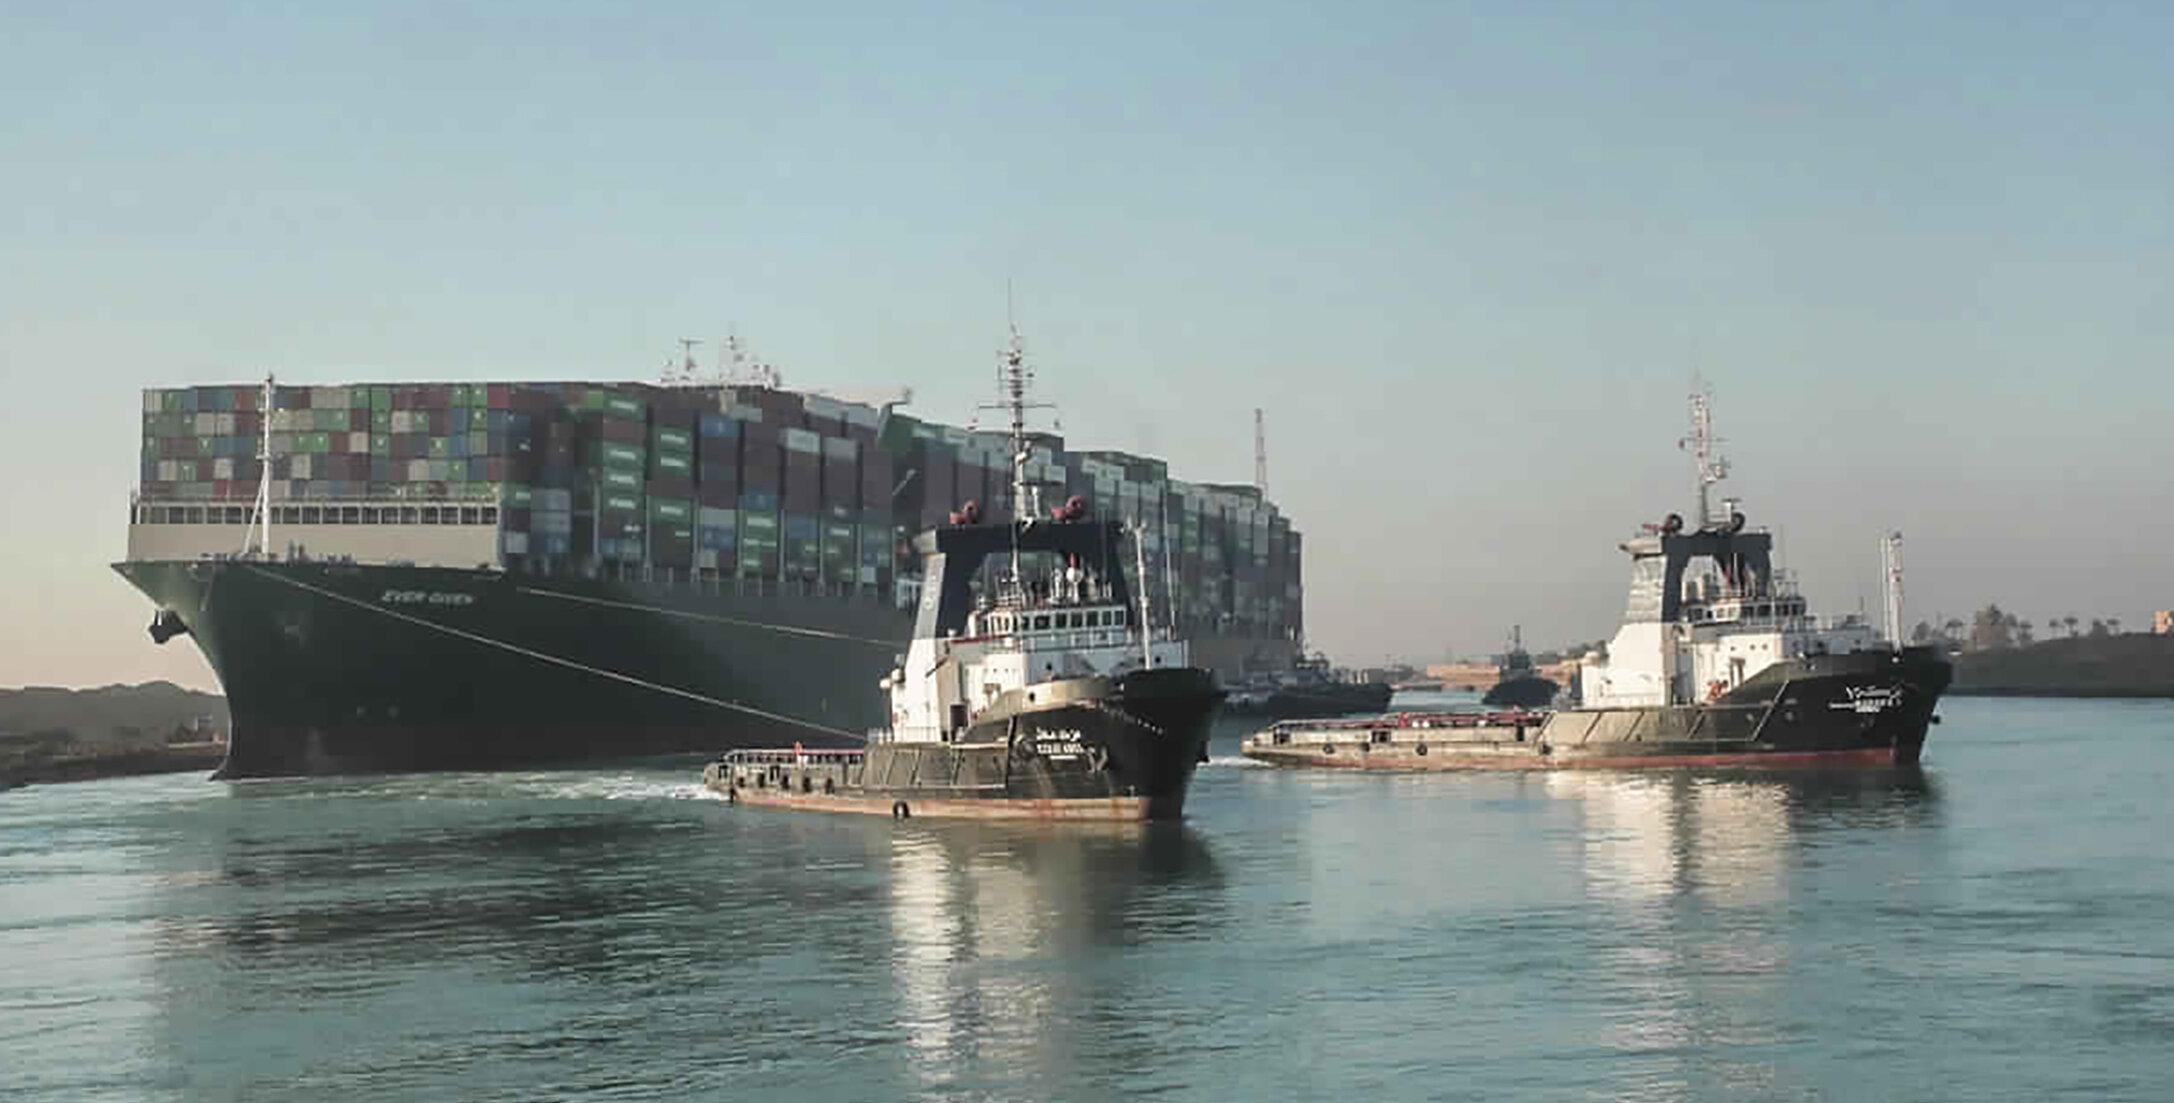 Canalul Suez| Traficul a fost parțial reluat. Nava Ever Given a fost înlăturată